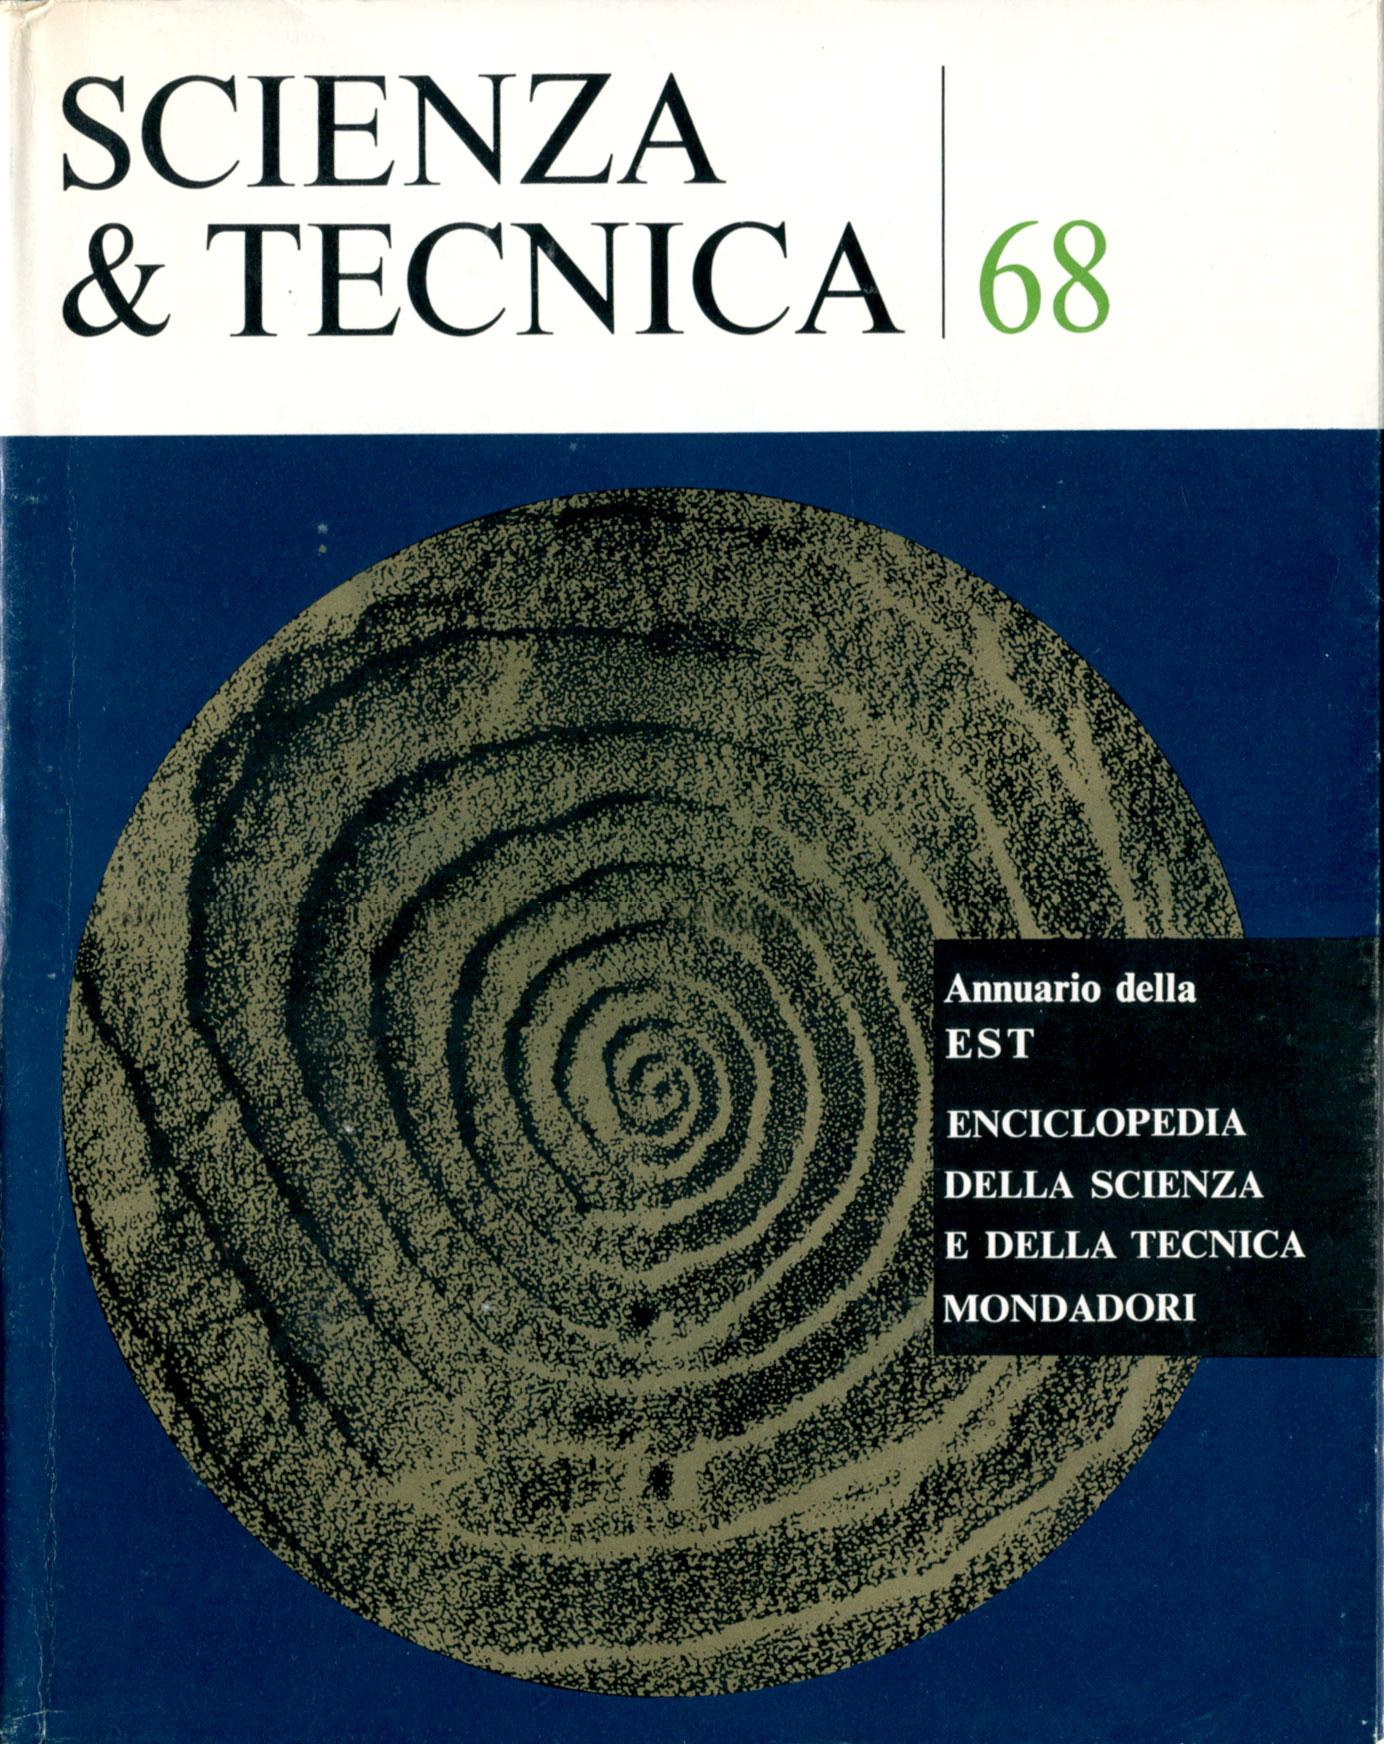 Scienza & Tecnica 68